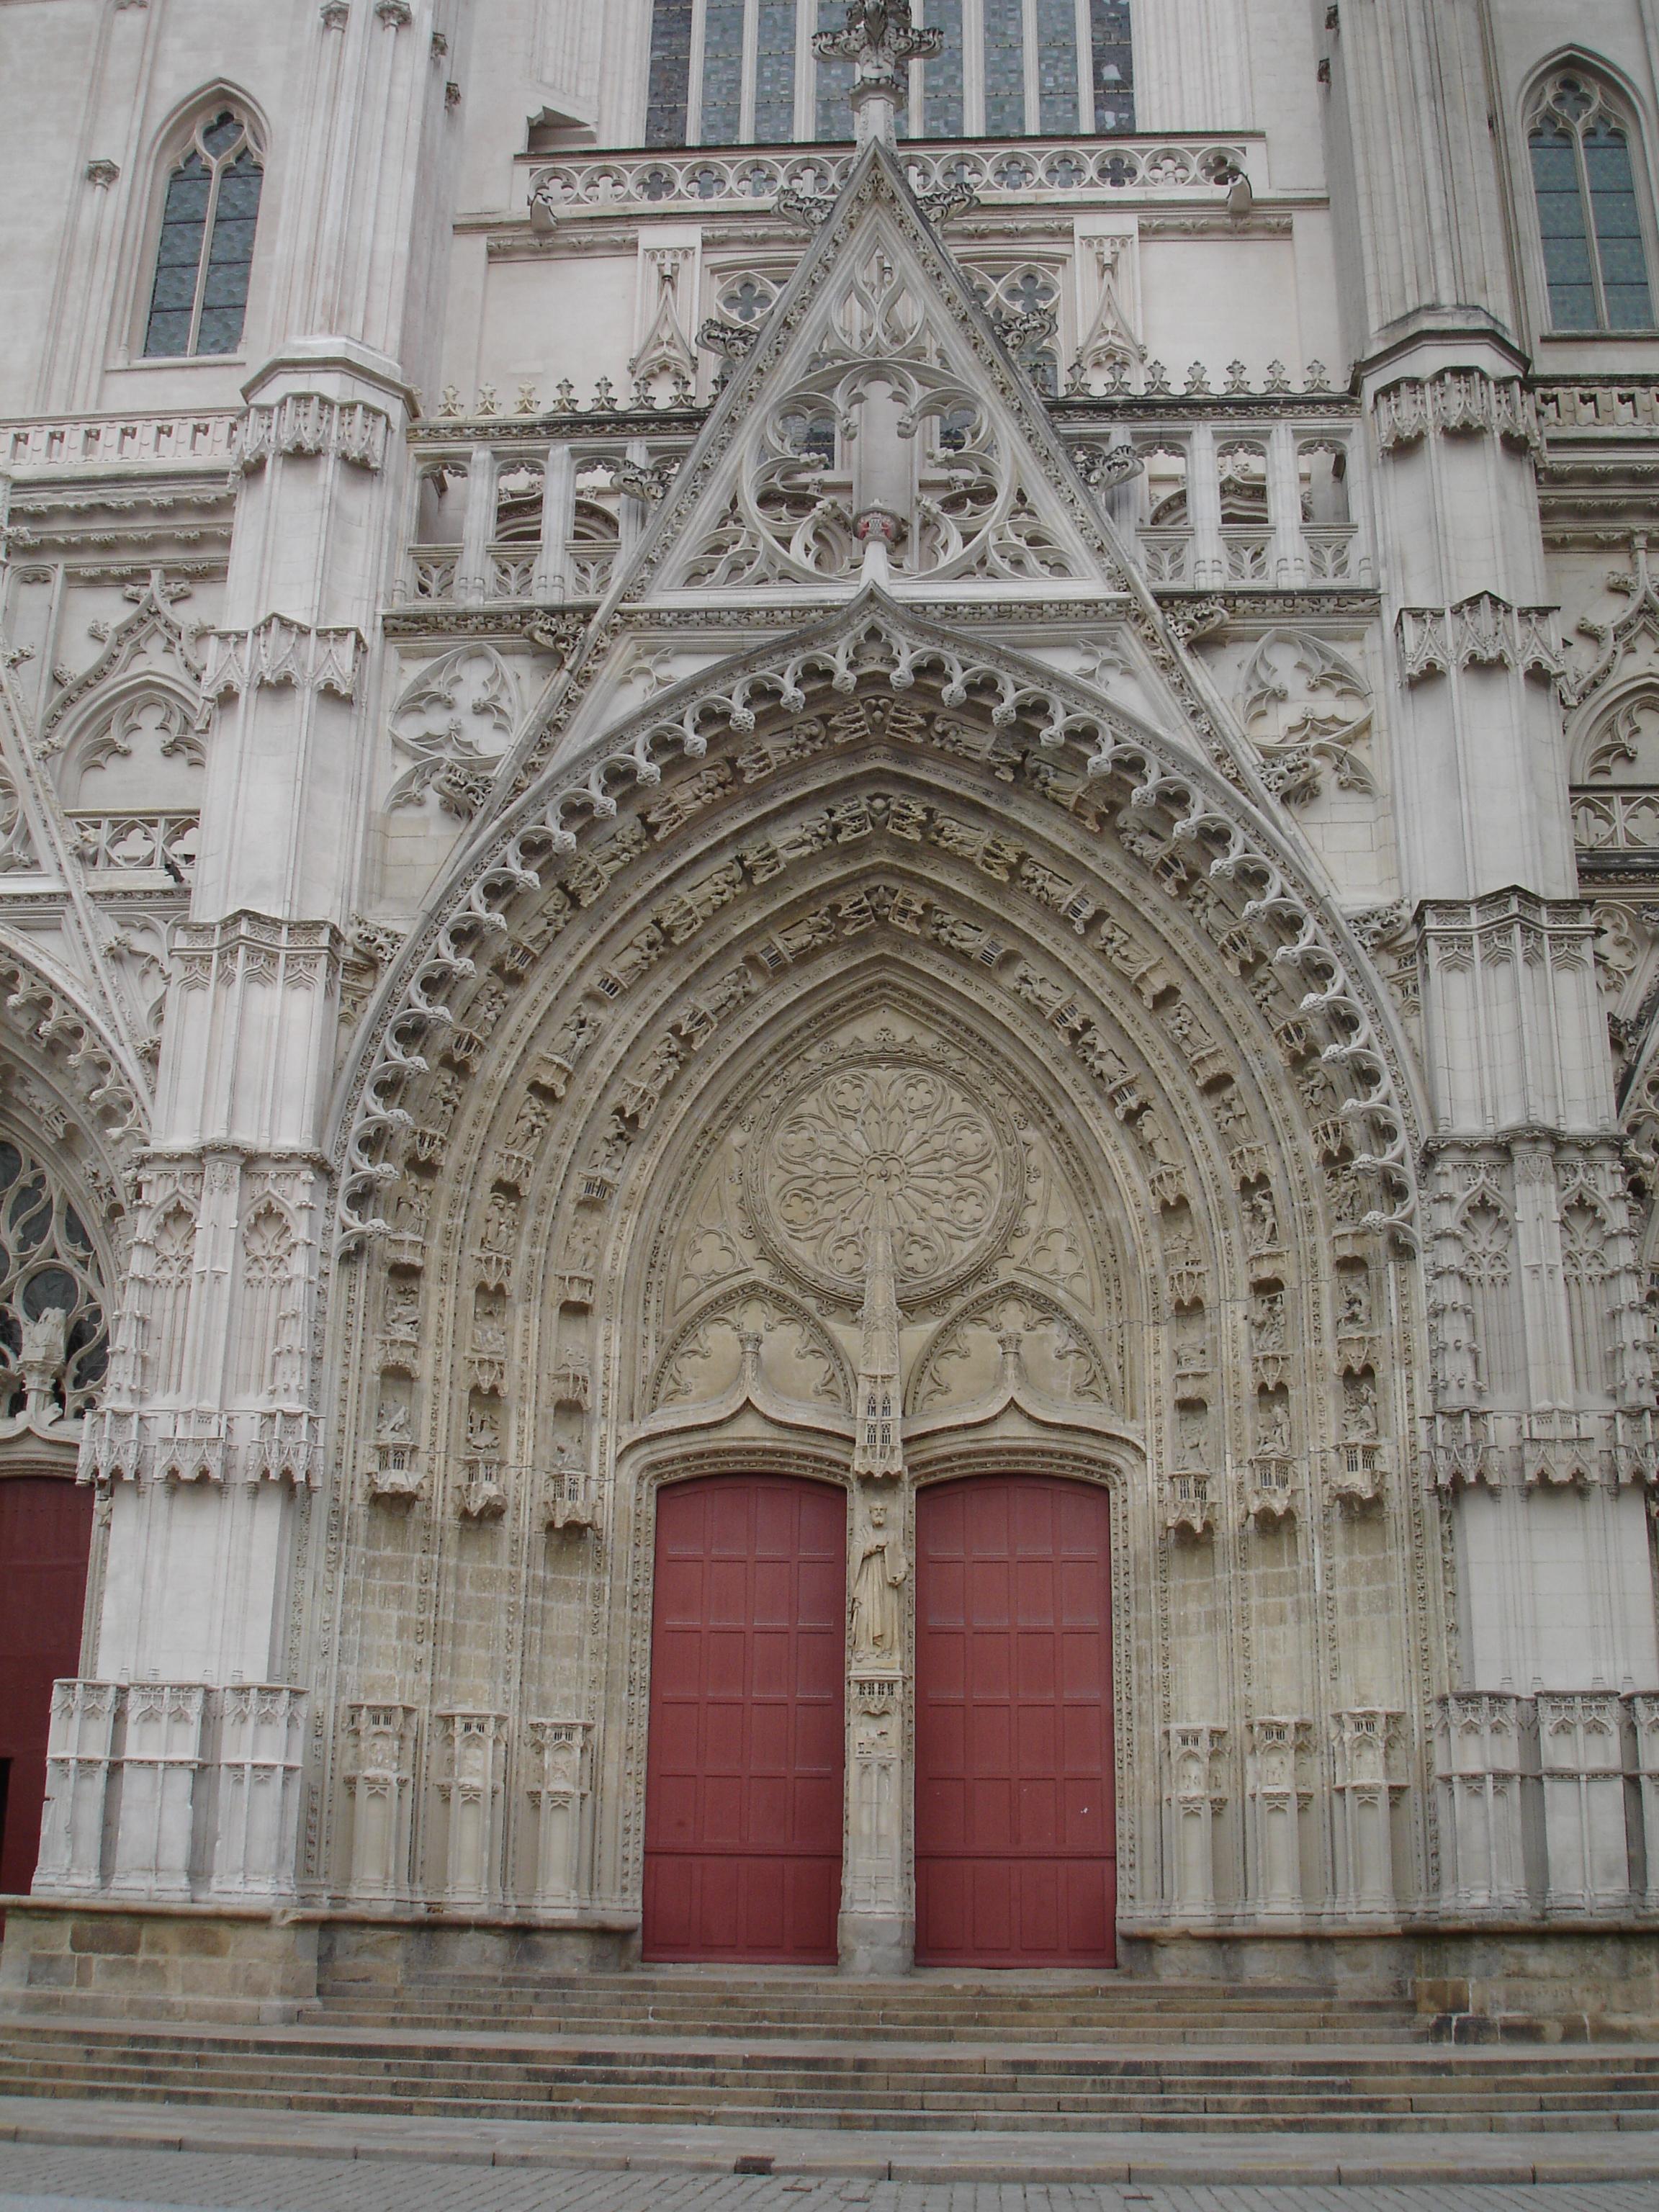 FileCathédrale Saint-Pierre-et-Saint-Paul - Nantes France & File:Cathédrale Saint-Pierre-et-Saint-Paul - Nantes France - door ...